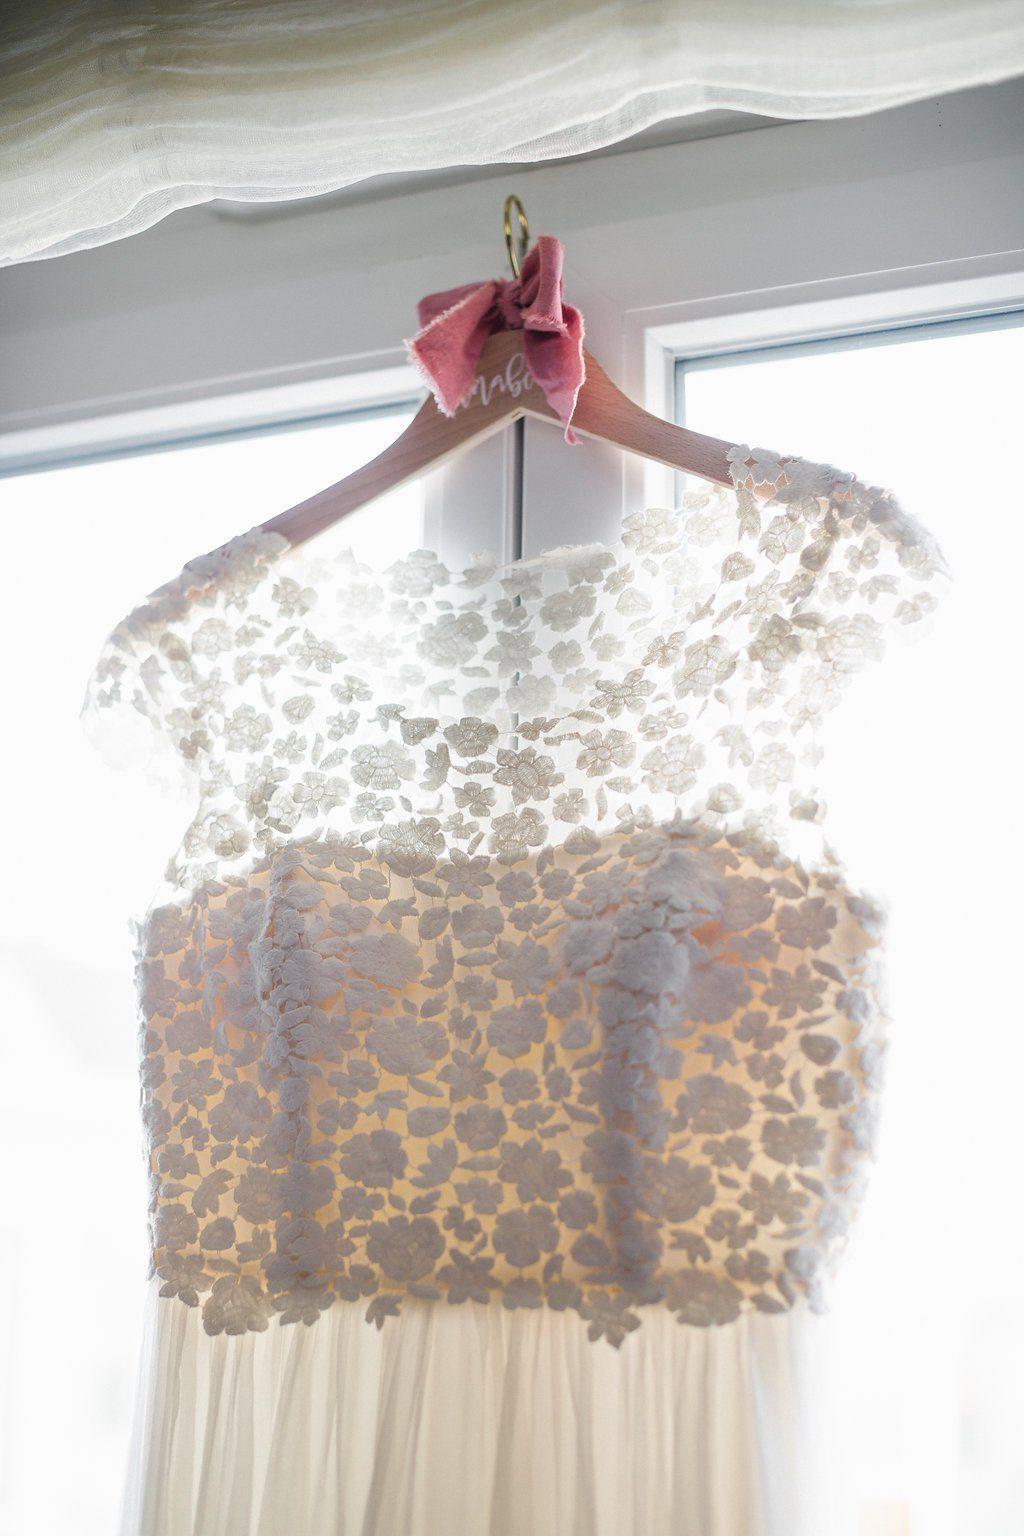 Hängendes Brautkleid auf Bügel